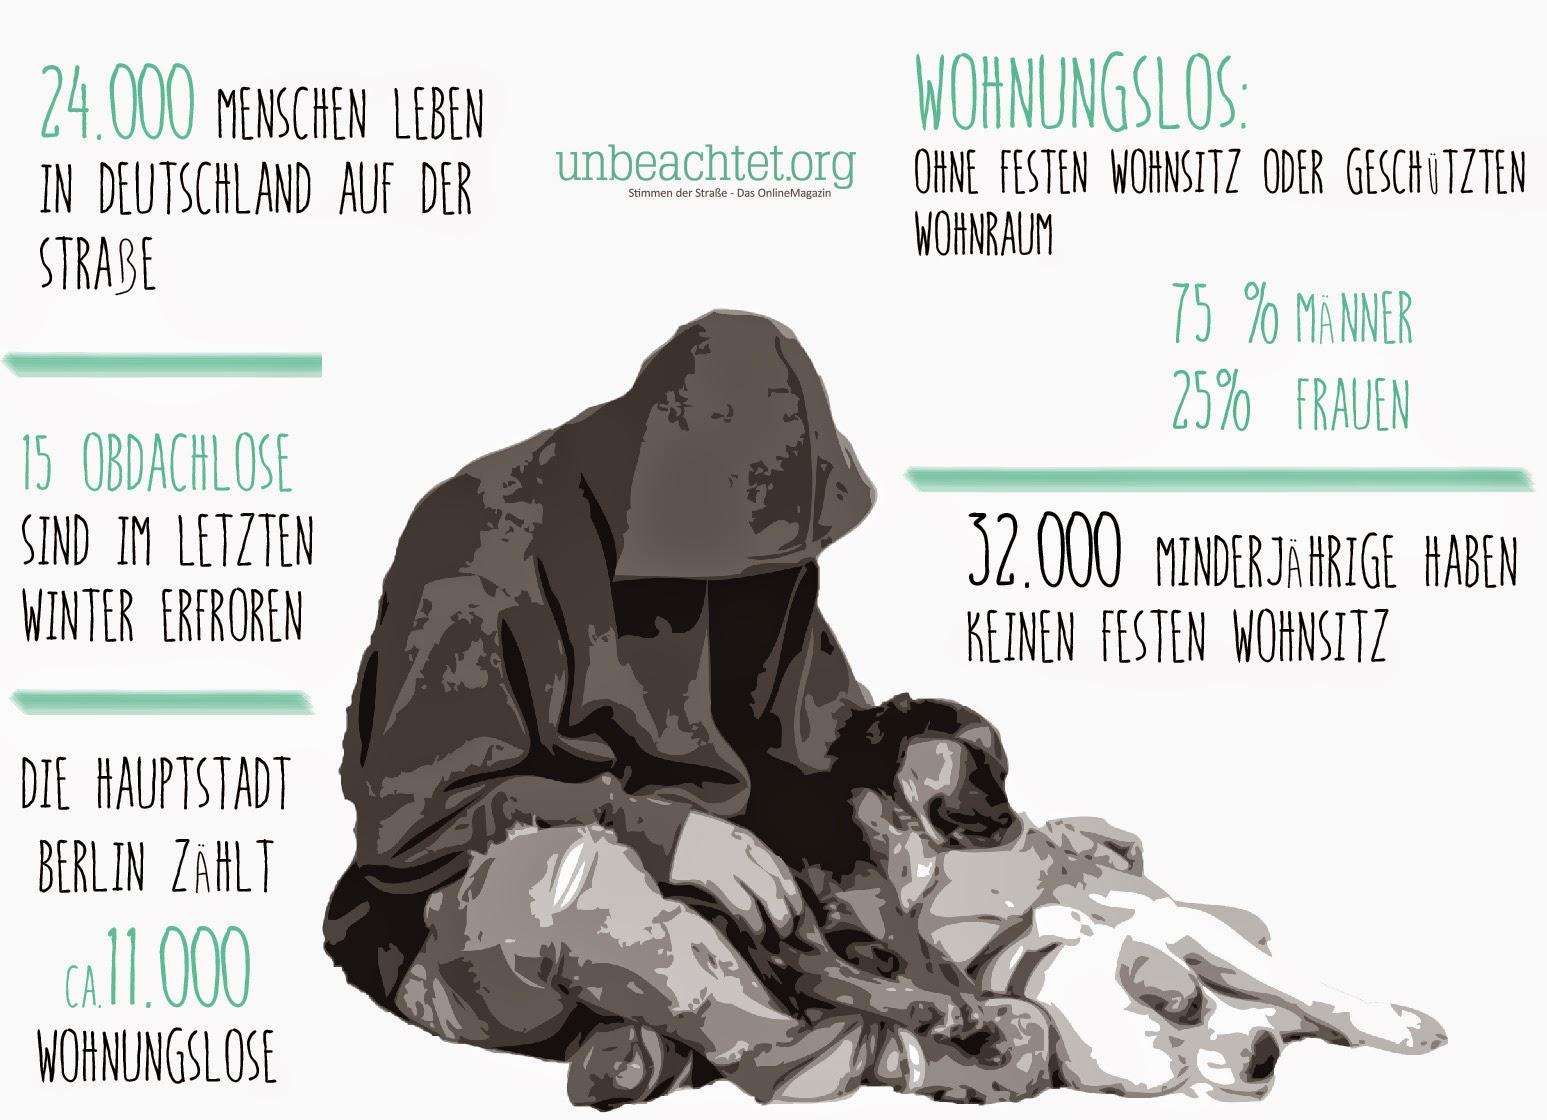 Unbeachtet Dekra Hochschule Abschlussprojekt Obdachlose Obdachlosigkeit in Deutschland obdachlos mit Hund